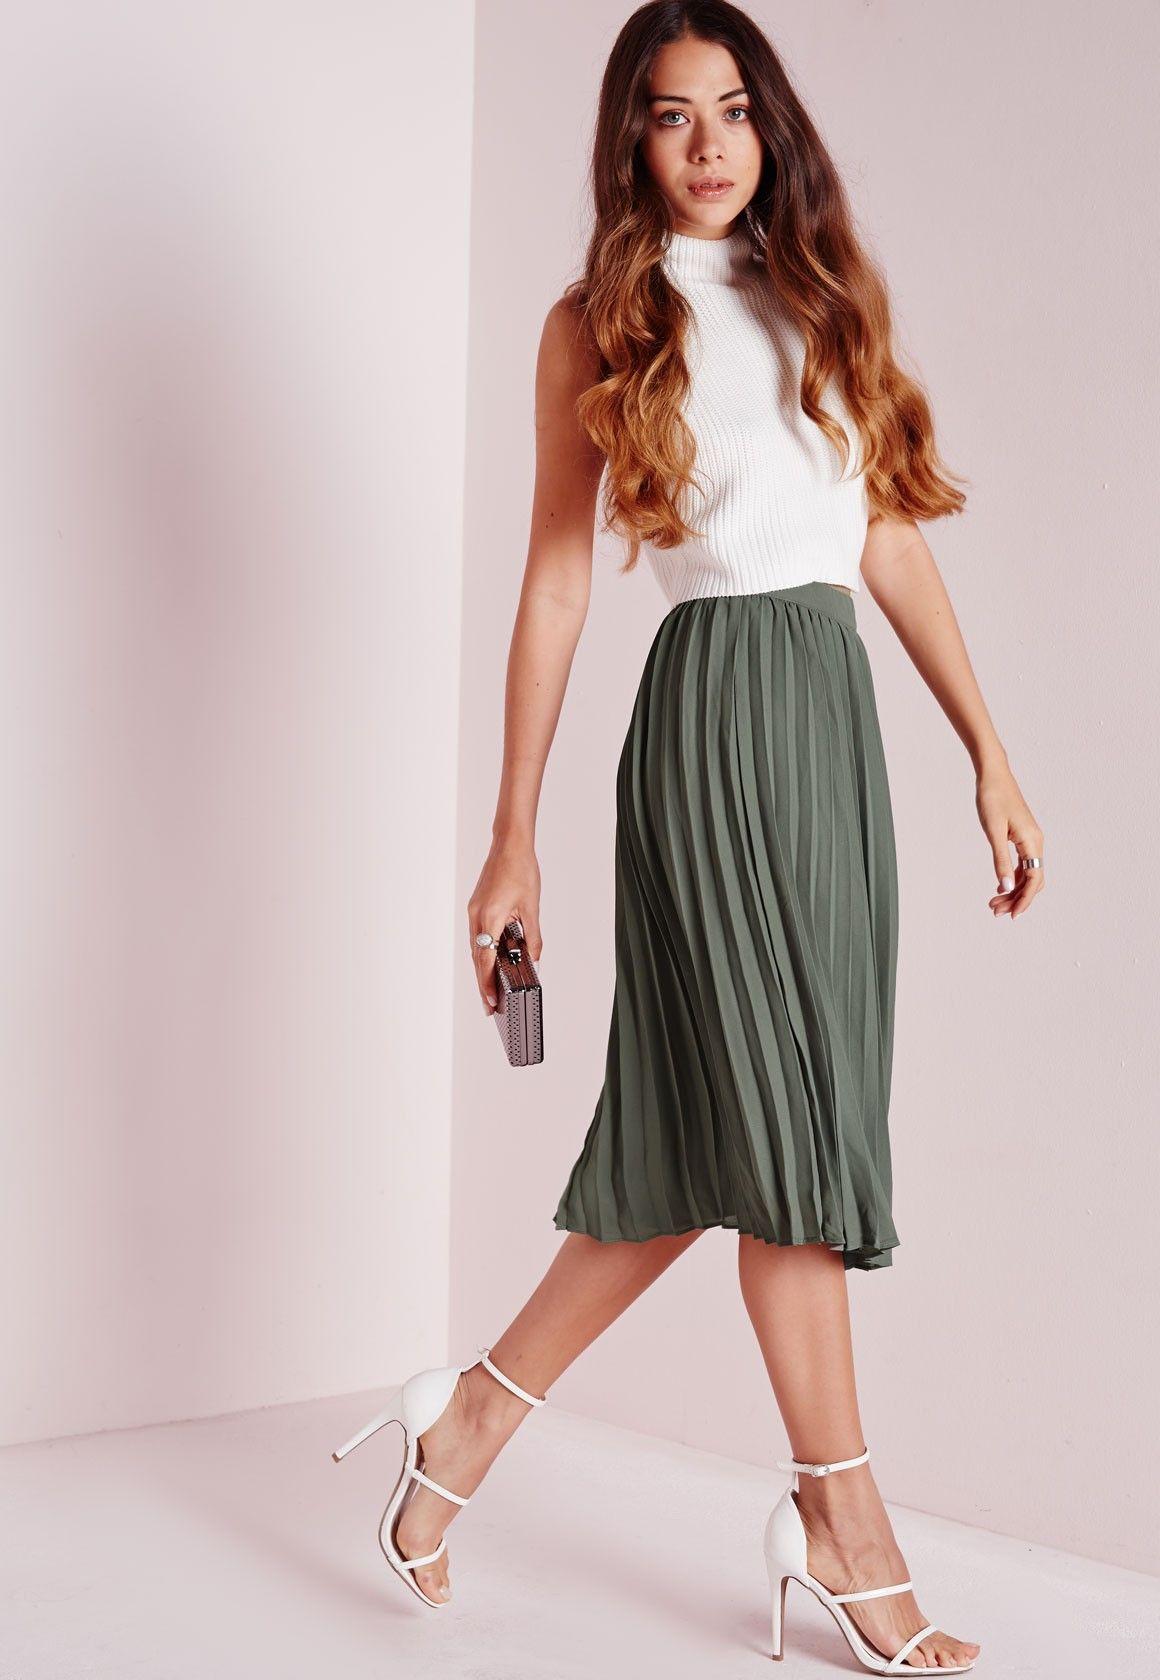 653cd693e1 Pleated Midi Skirt Khaki - Pleated - Midi - Skirts - Missguided ...